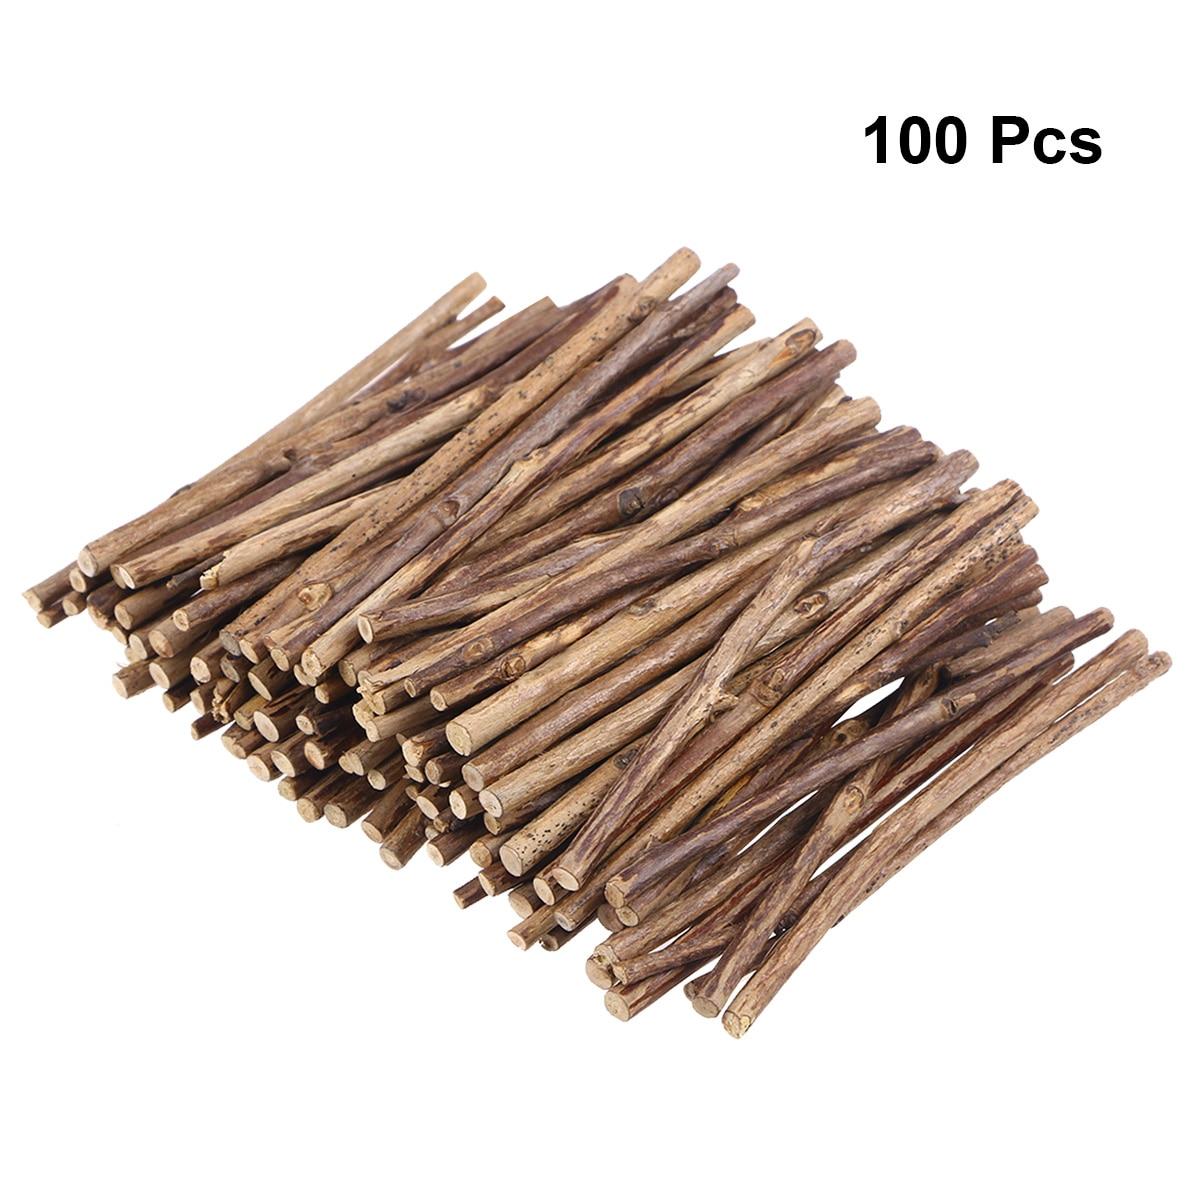 Деревянные дроссельные палочки диаметром 0,3 0,5 см длиной 10 см для рукоделия, реквизит для фотографий, цвет дерева, ручная роспись своими руками, реквизит для фотографии, 100 шт.|Поделки из дерева|   | АлиЭкспресс